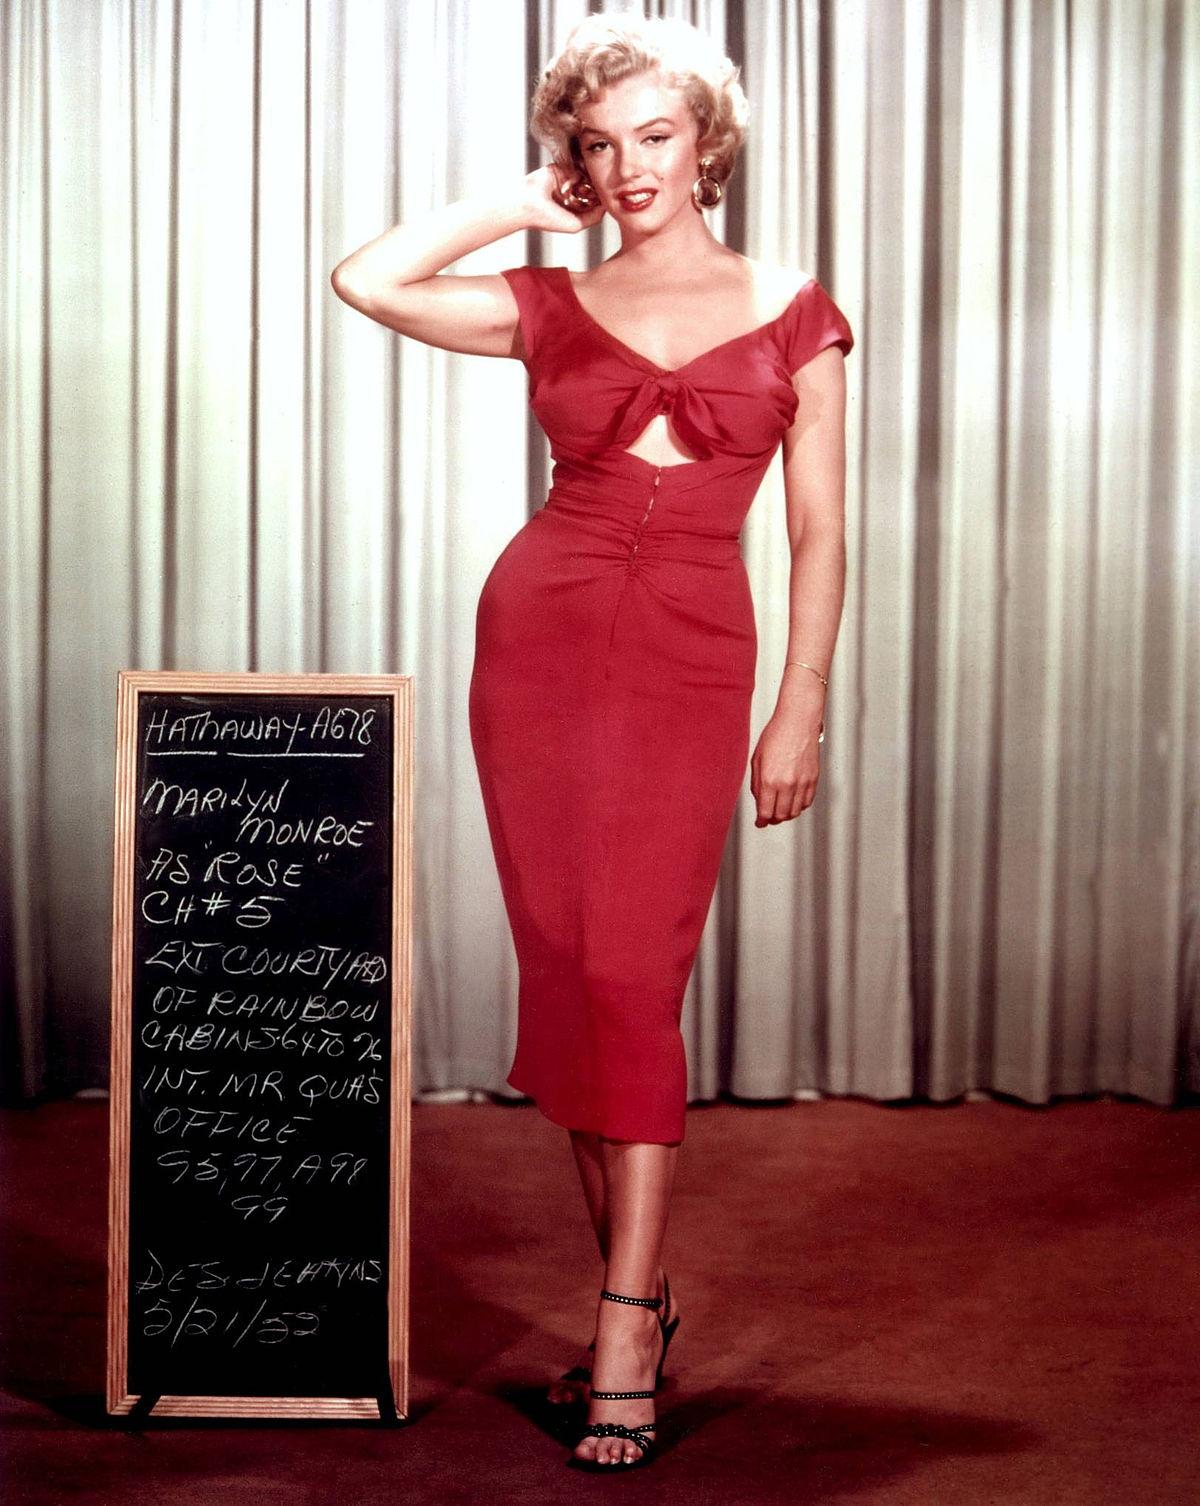 Marilyn monroe resume